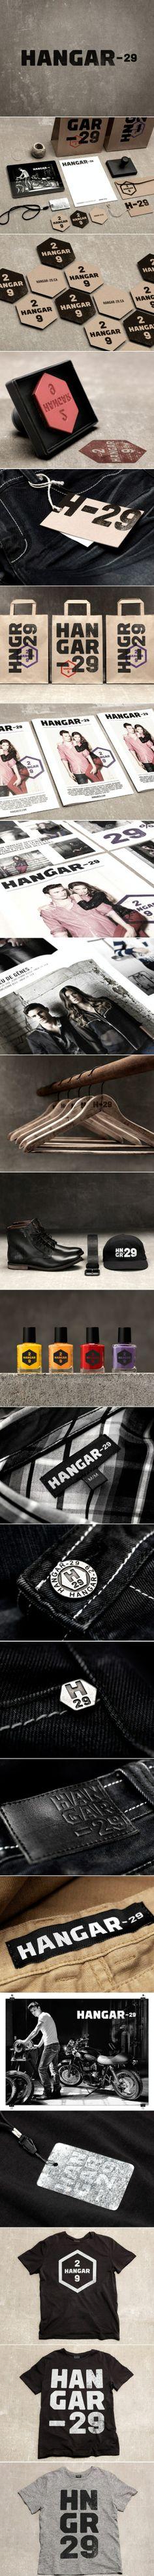 by lg2boutique.com Branding Client: Hangar-29